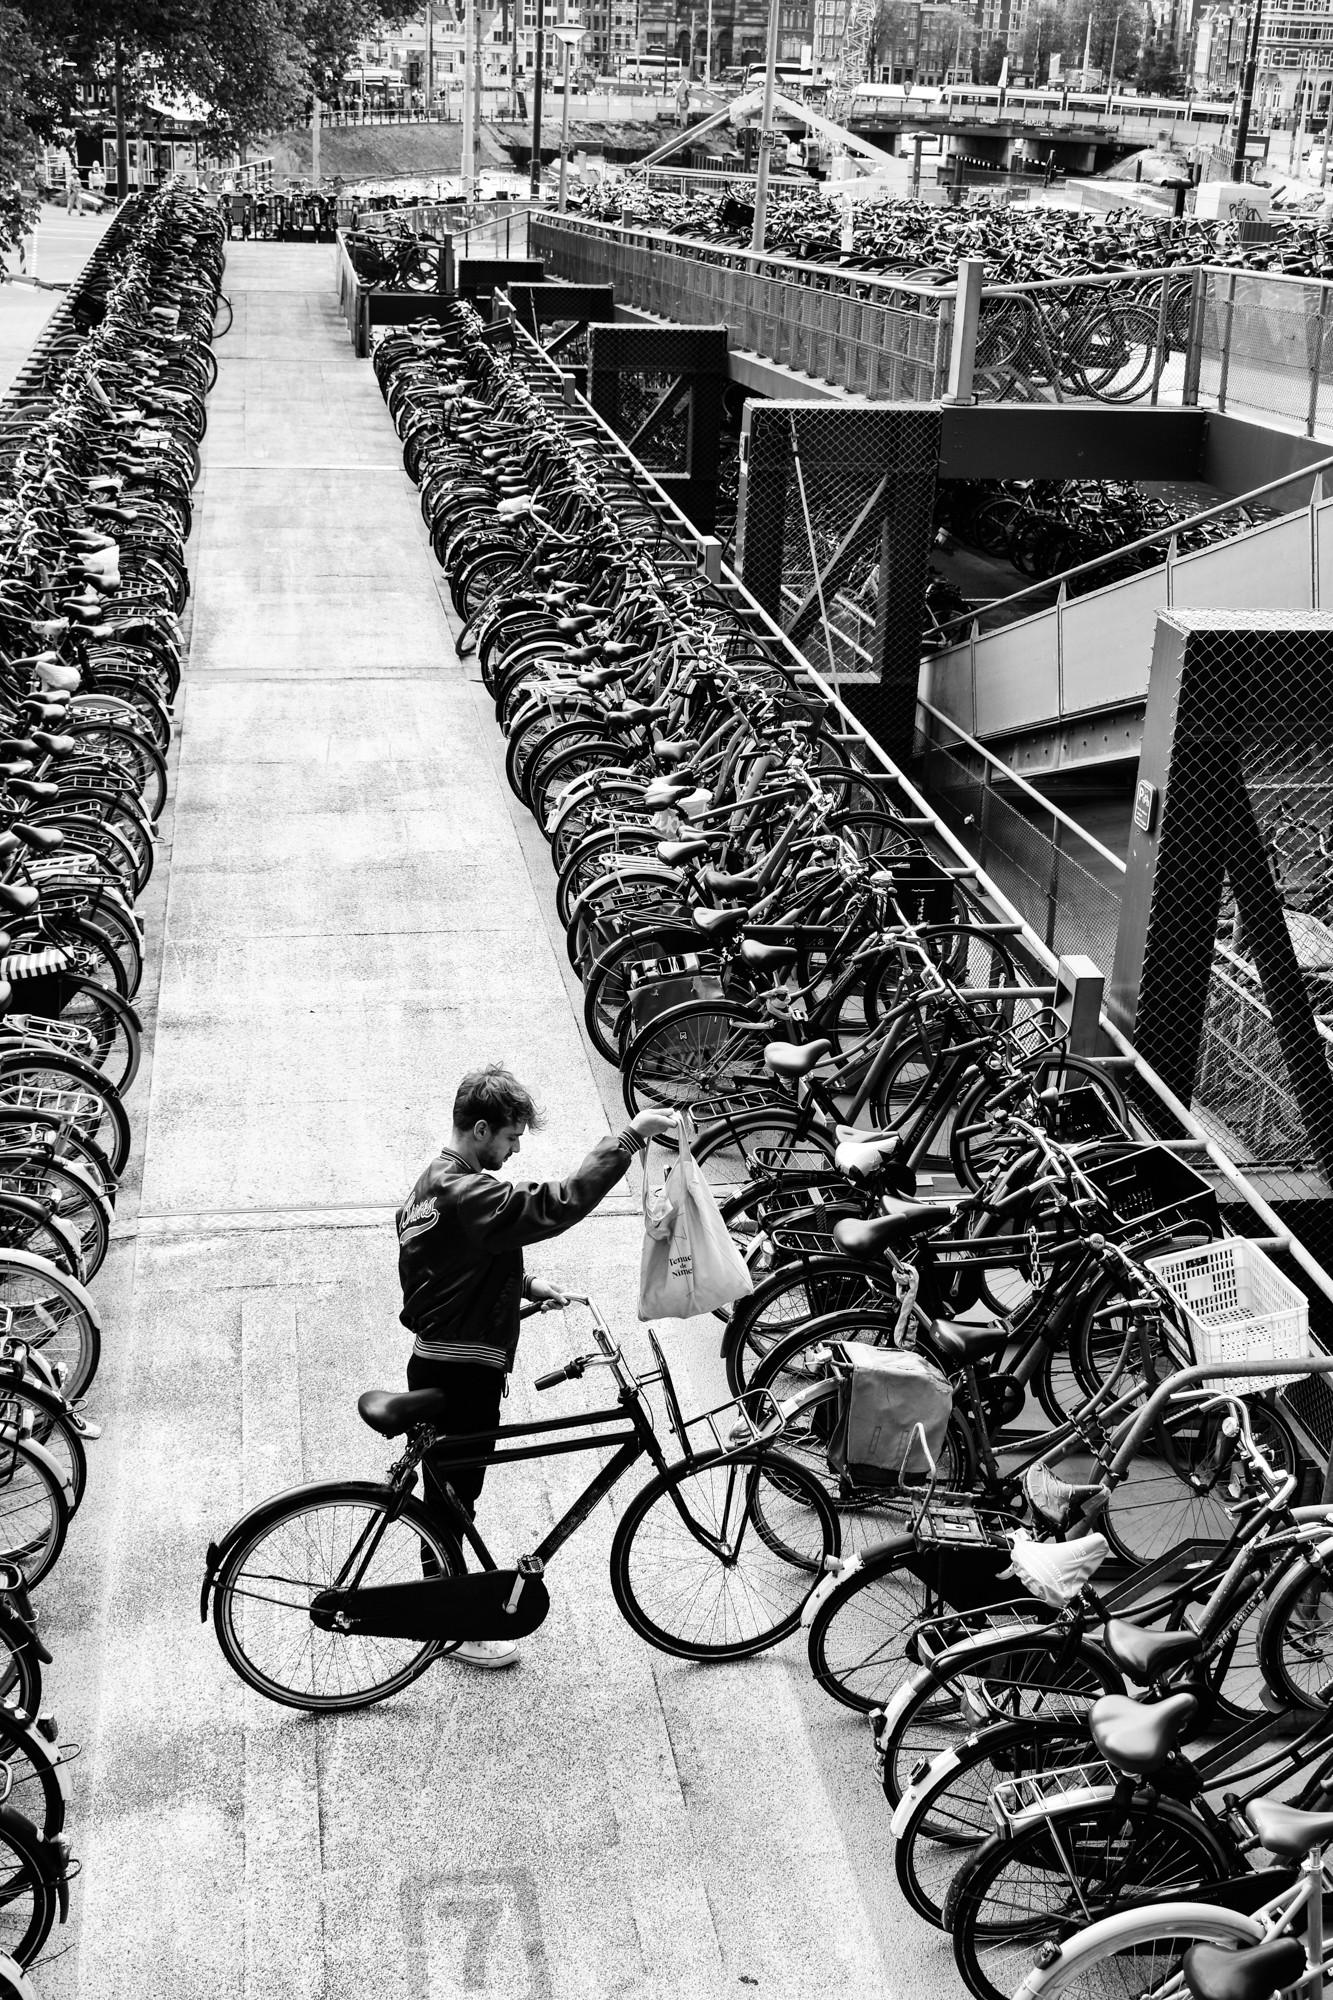 Bike parking Amsterdam central station